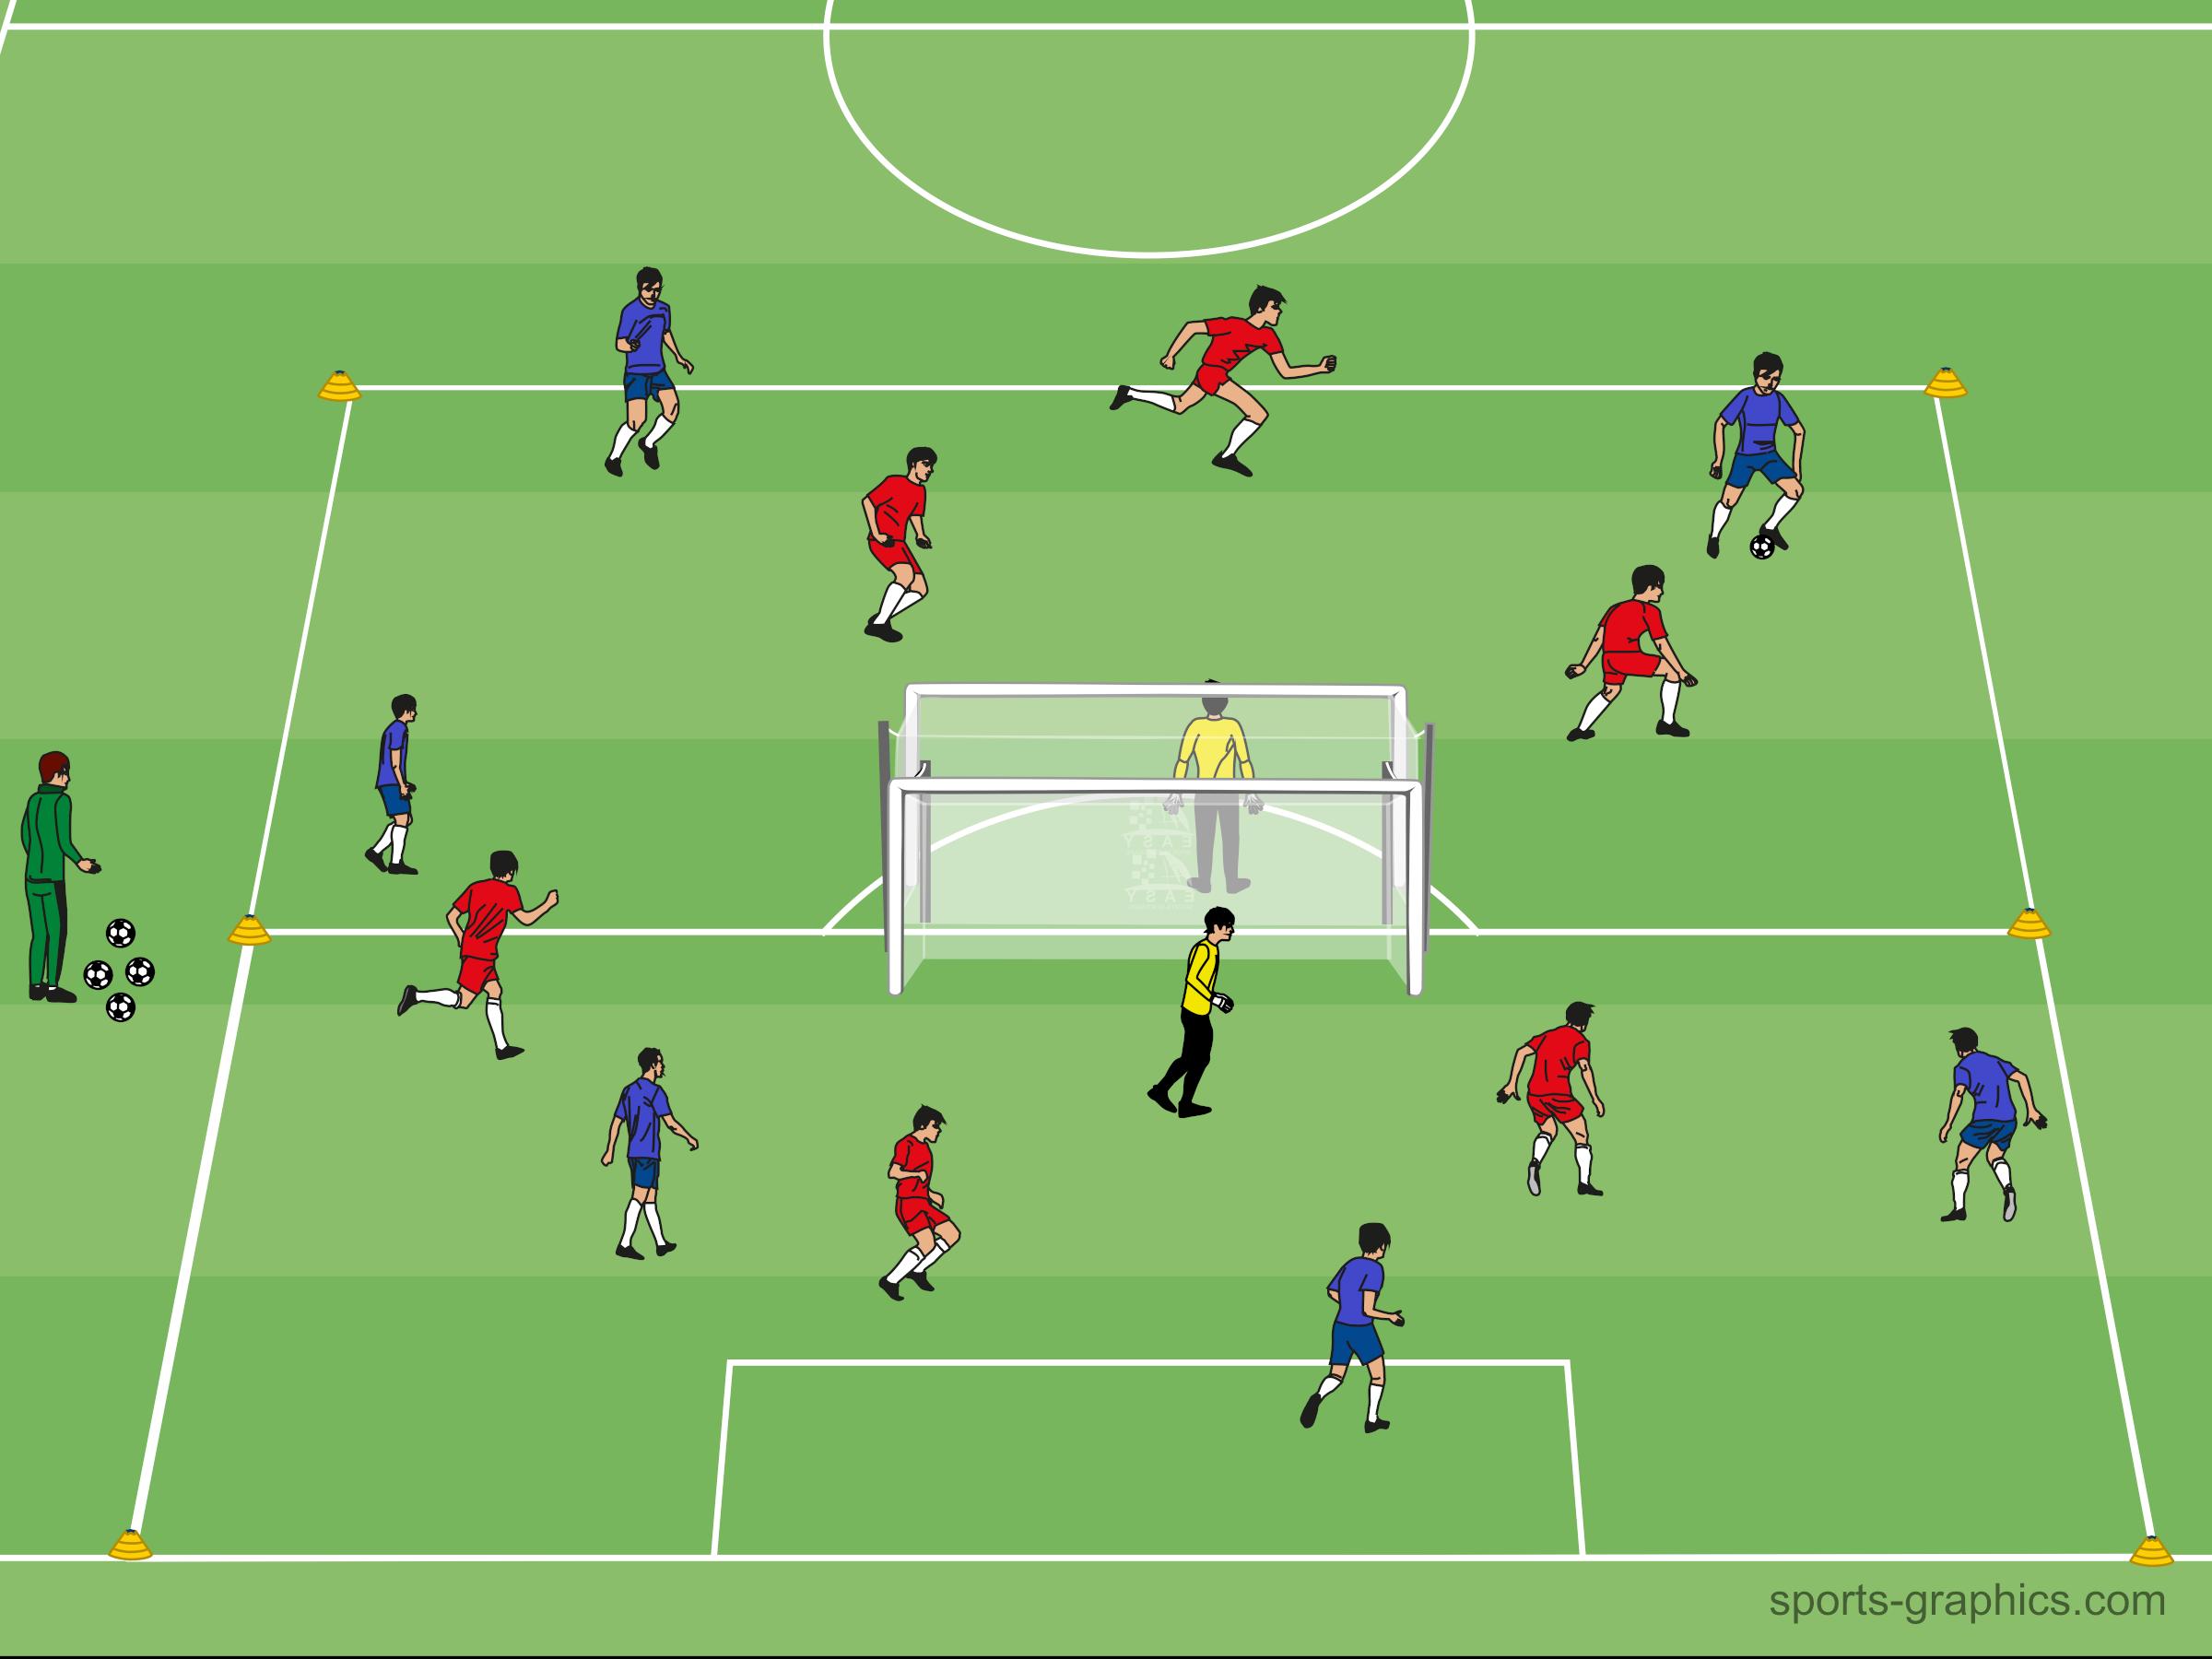 Spielform zur Verbesserung von Spielkontrolle und Ballbesitz